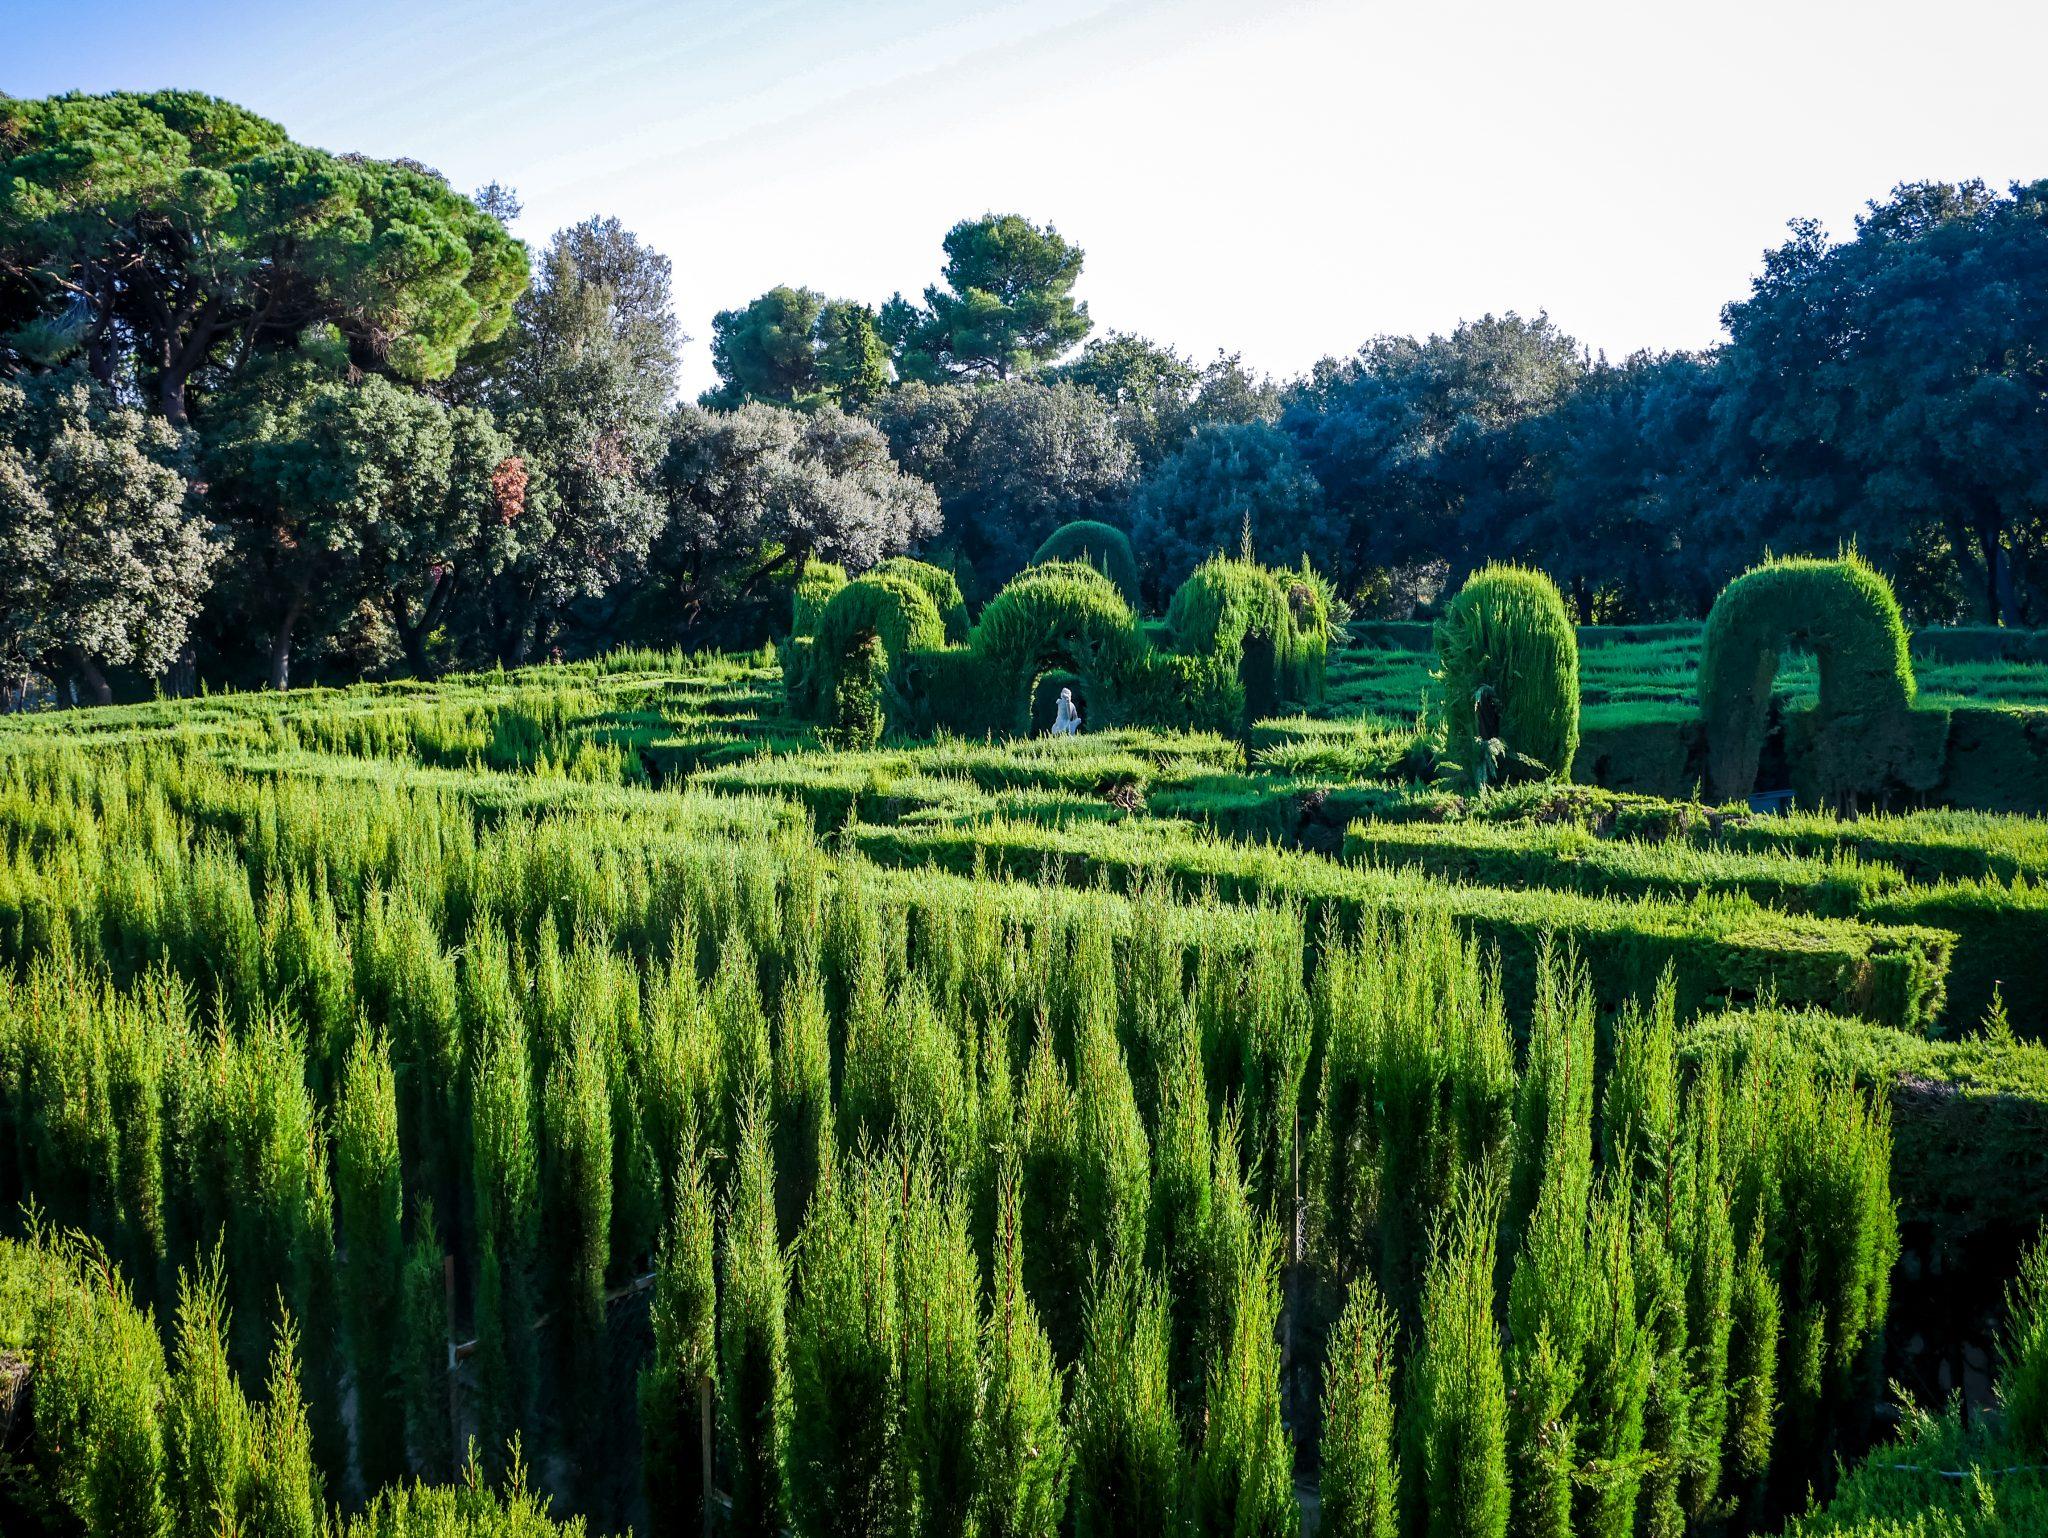 Das berühmte Labyrinth gibt dem Park seinen Namen (Parc del Laberint d´Horta Labyrinth)